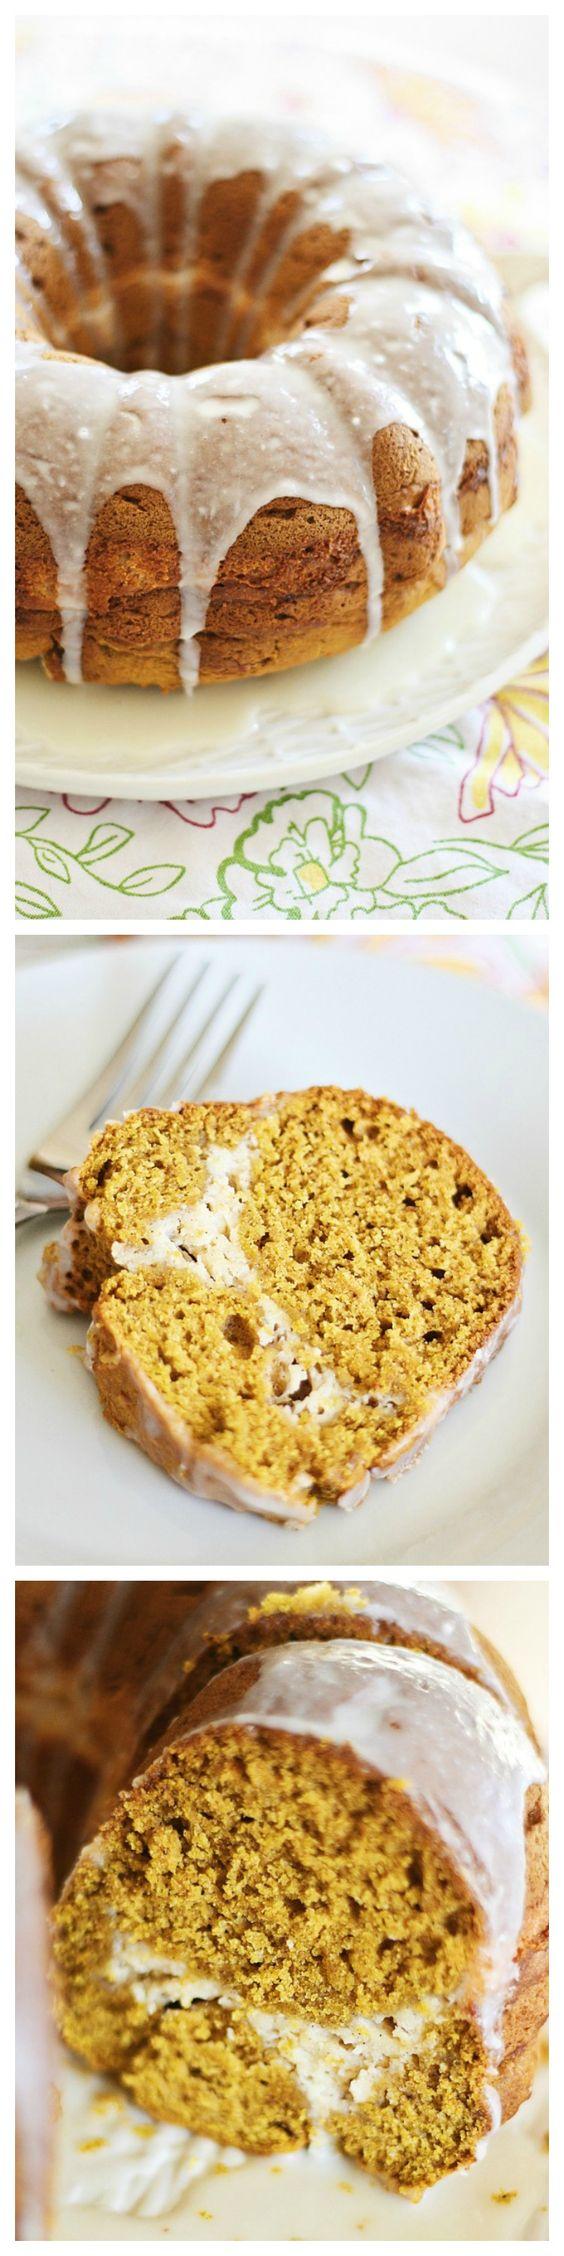 Pumpkin Cream Cheese Bundt Cake | Recipe | Recipes with pumpkin ...